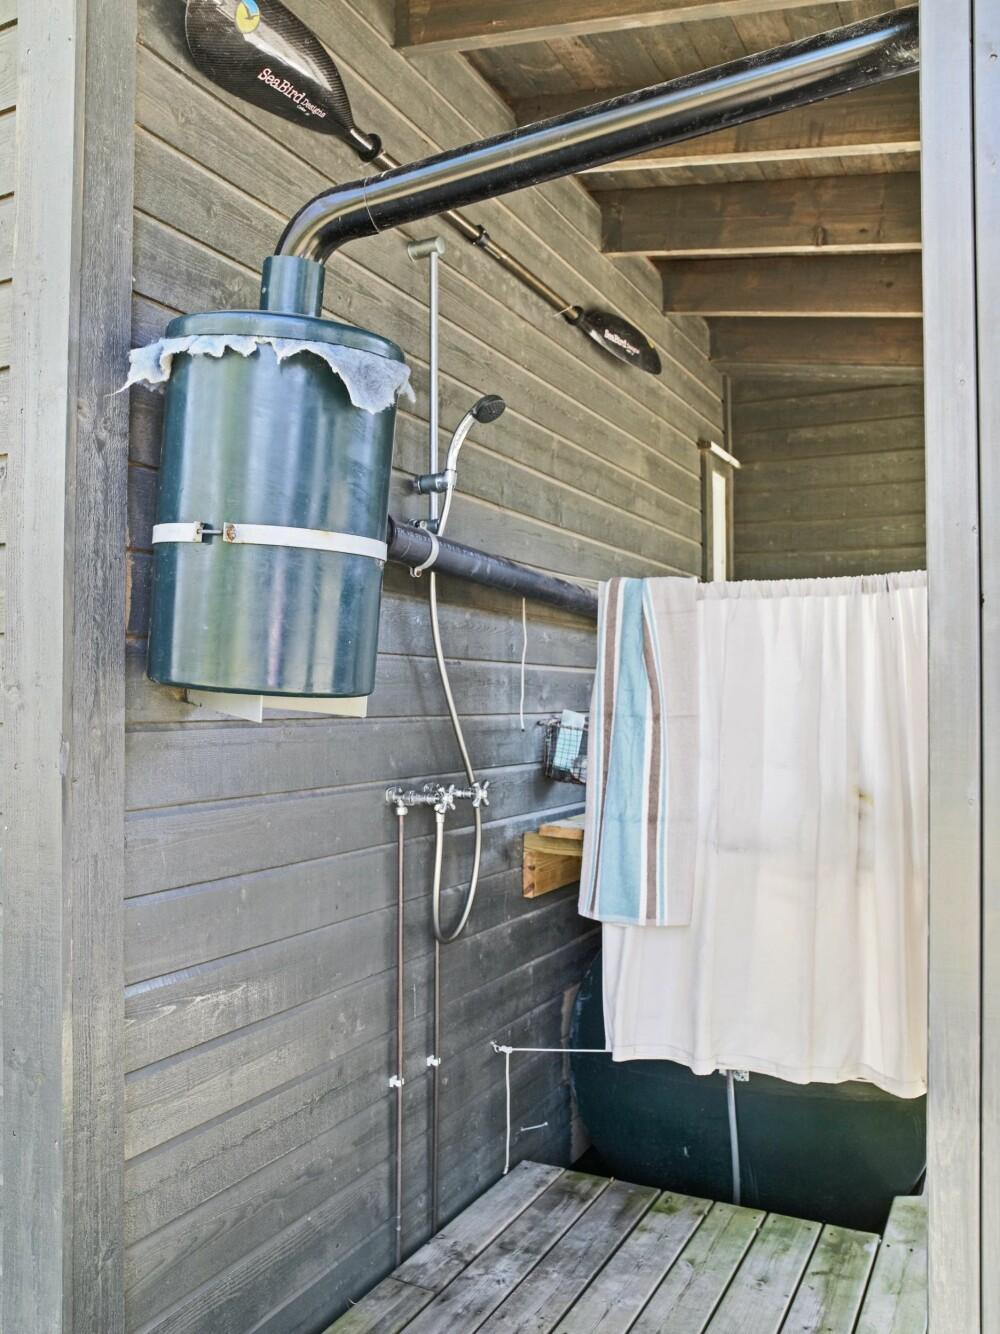 DUSJLØSNINGEN: Utedusjen er montert med trykkstyrt pumpe fra sisternen. En gardin med maljer gir nødvendig avskjerming. Foto: Inger Mette Meling Kostveit